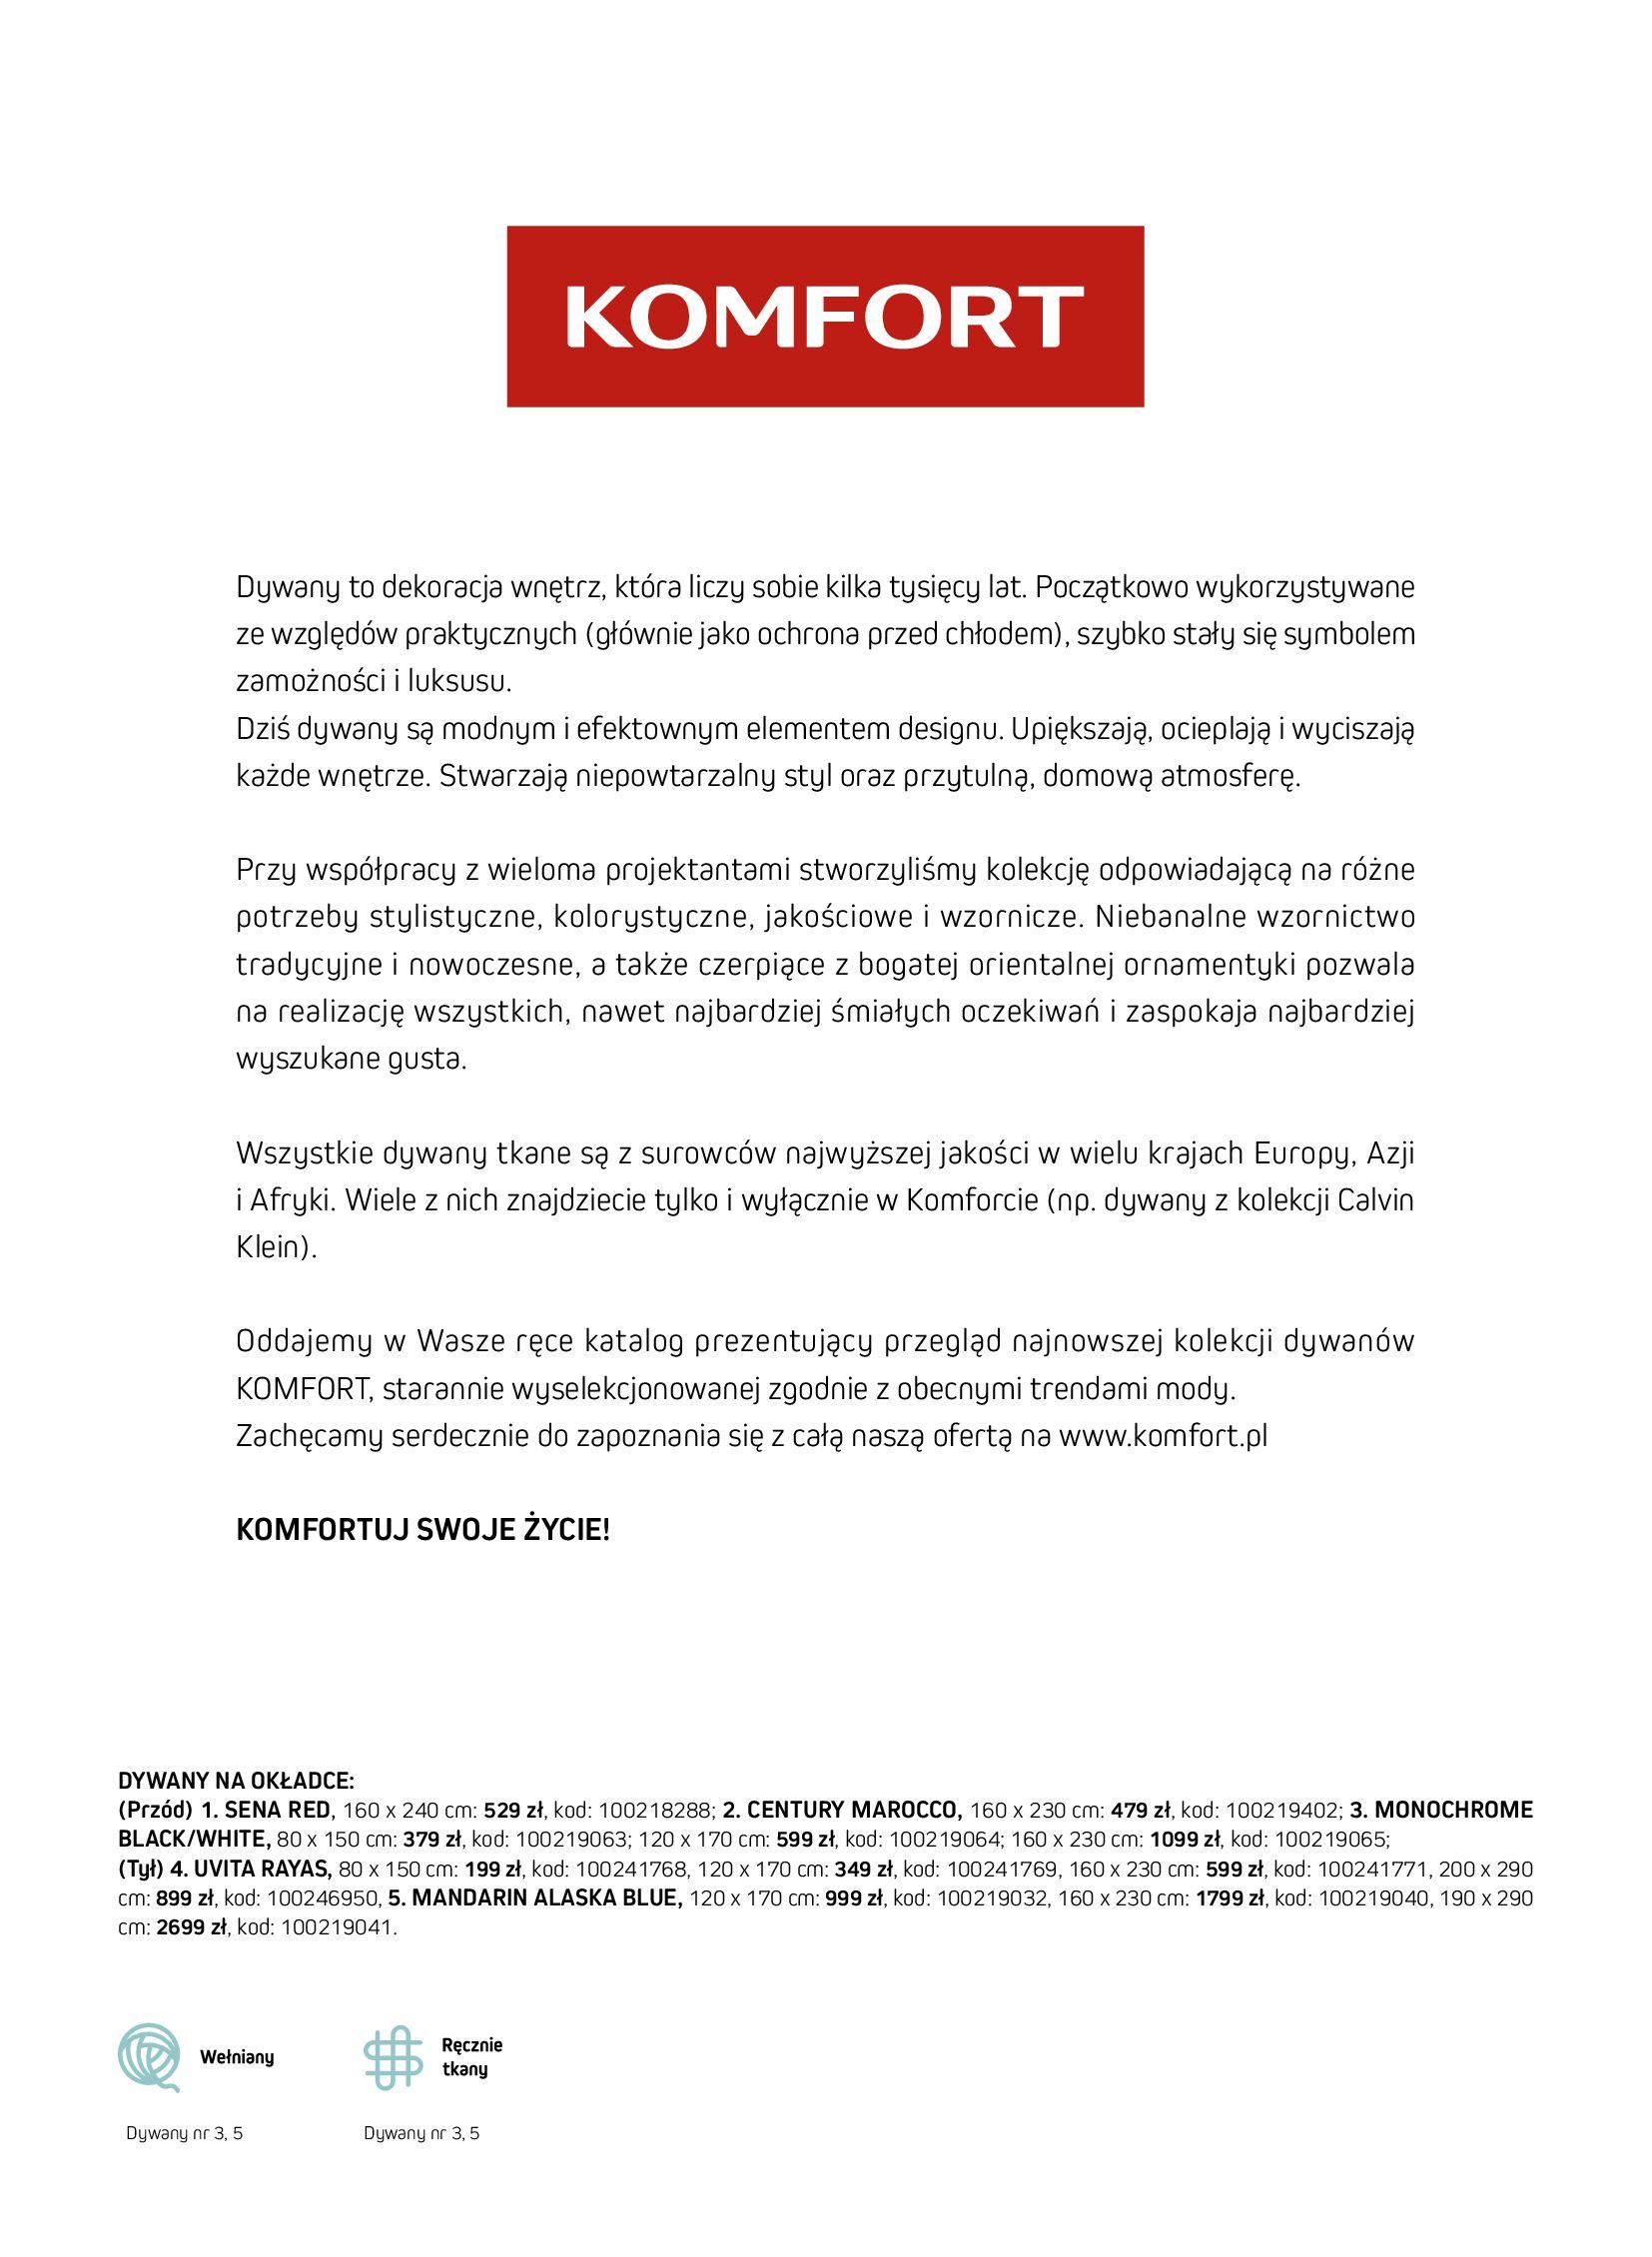 Gazetka Komfort: Gazetka Komfort - Katalog dywanów 2021-06-16 page-3